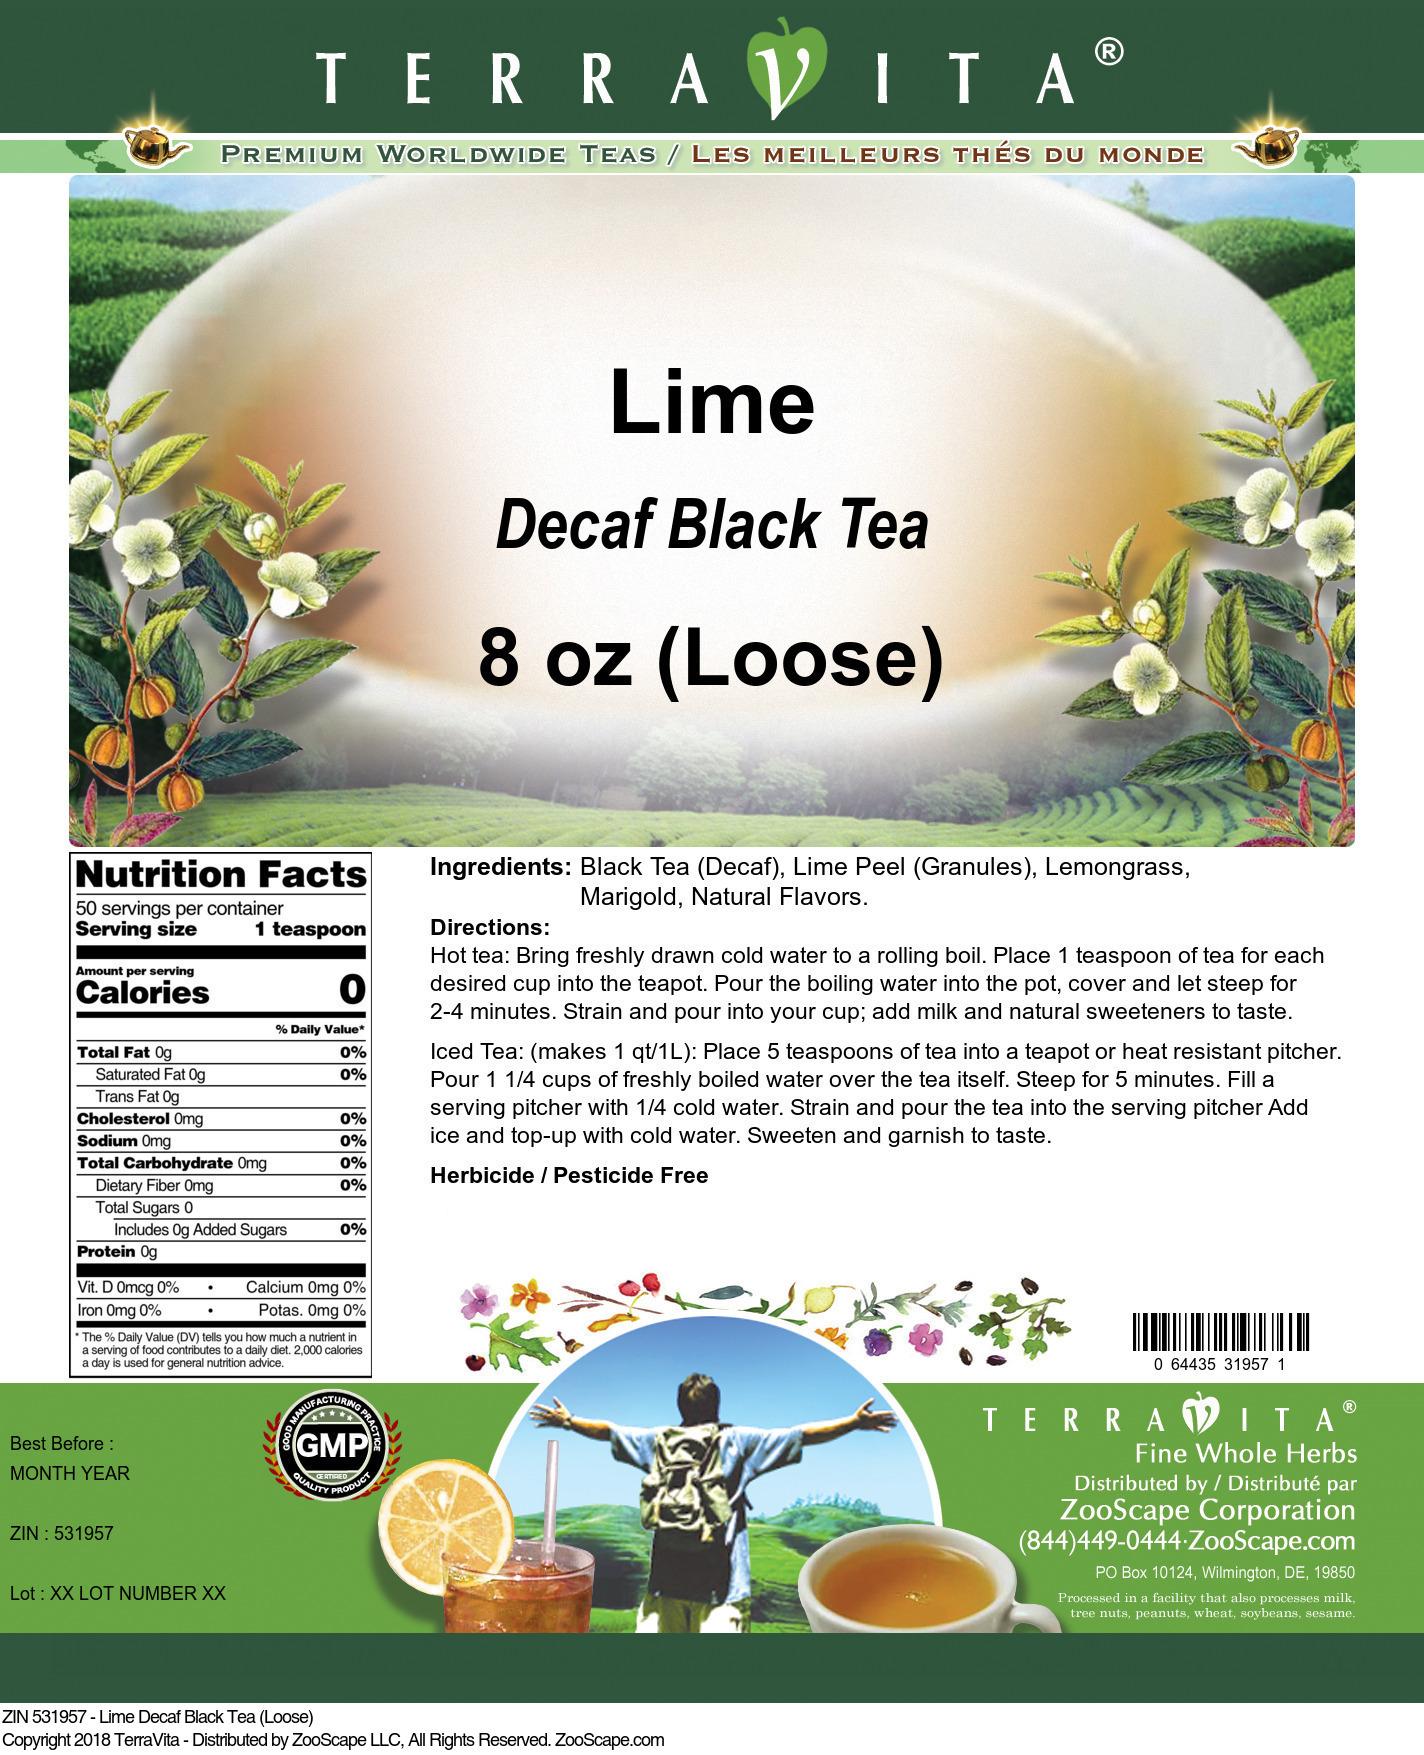 Lime Decaf Black Tea (Loose)